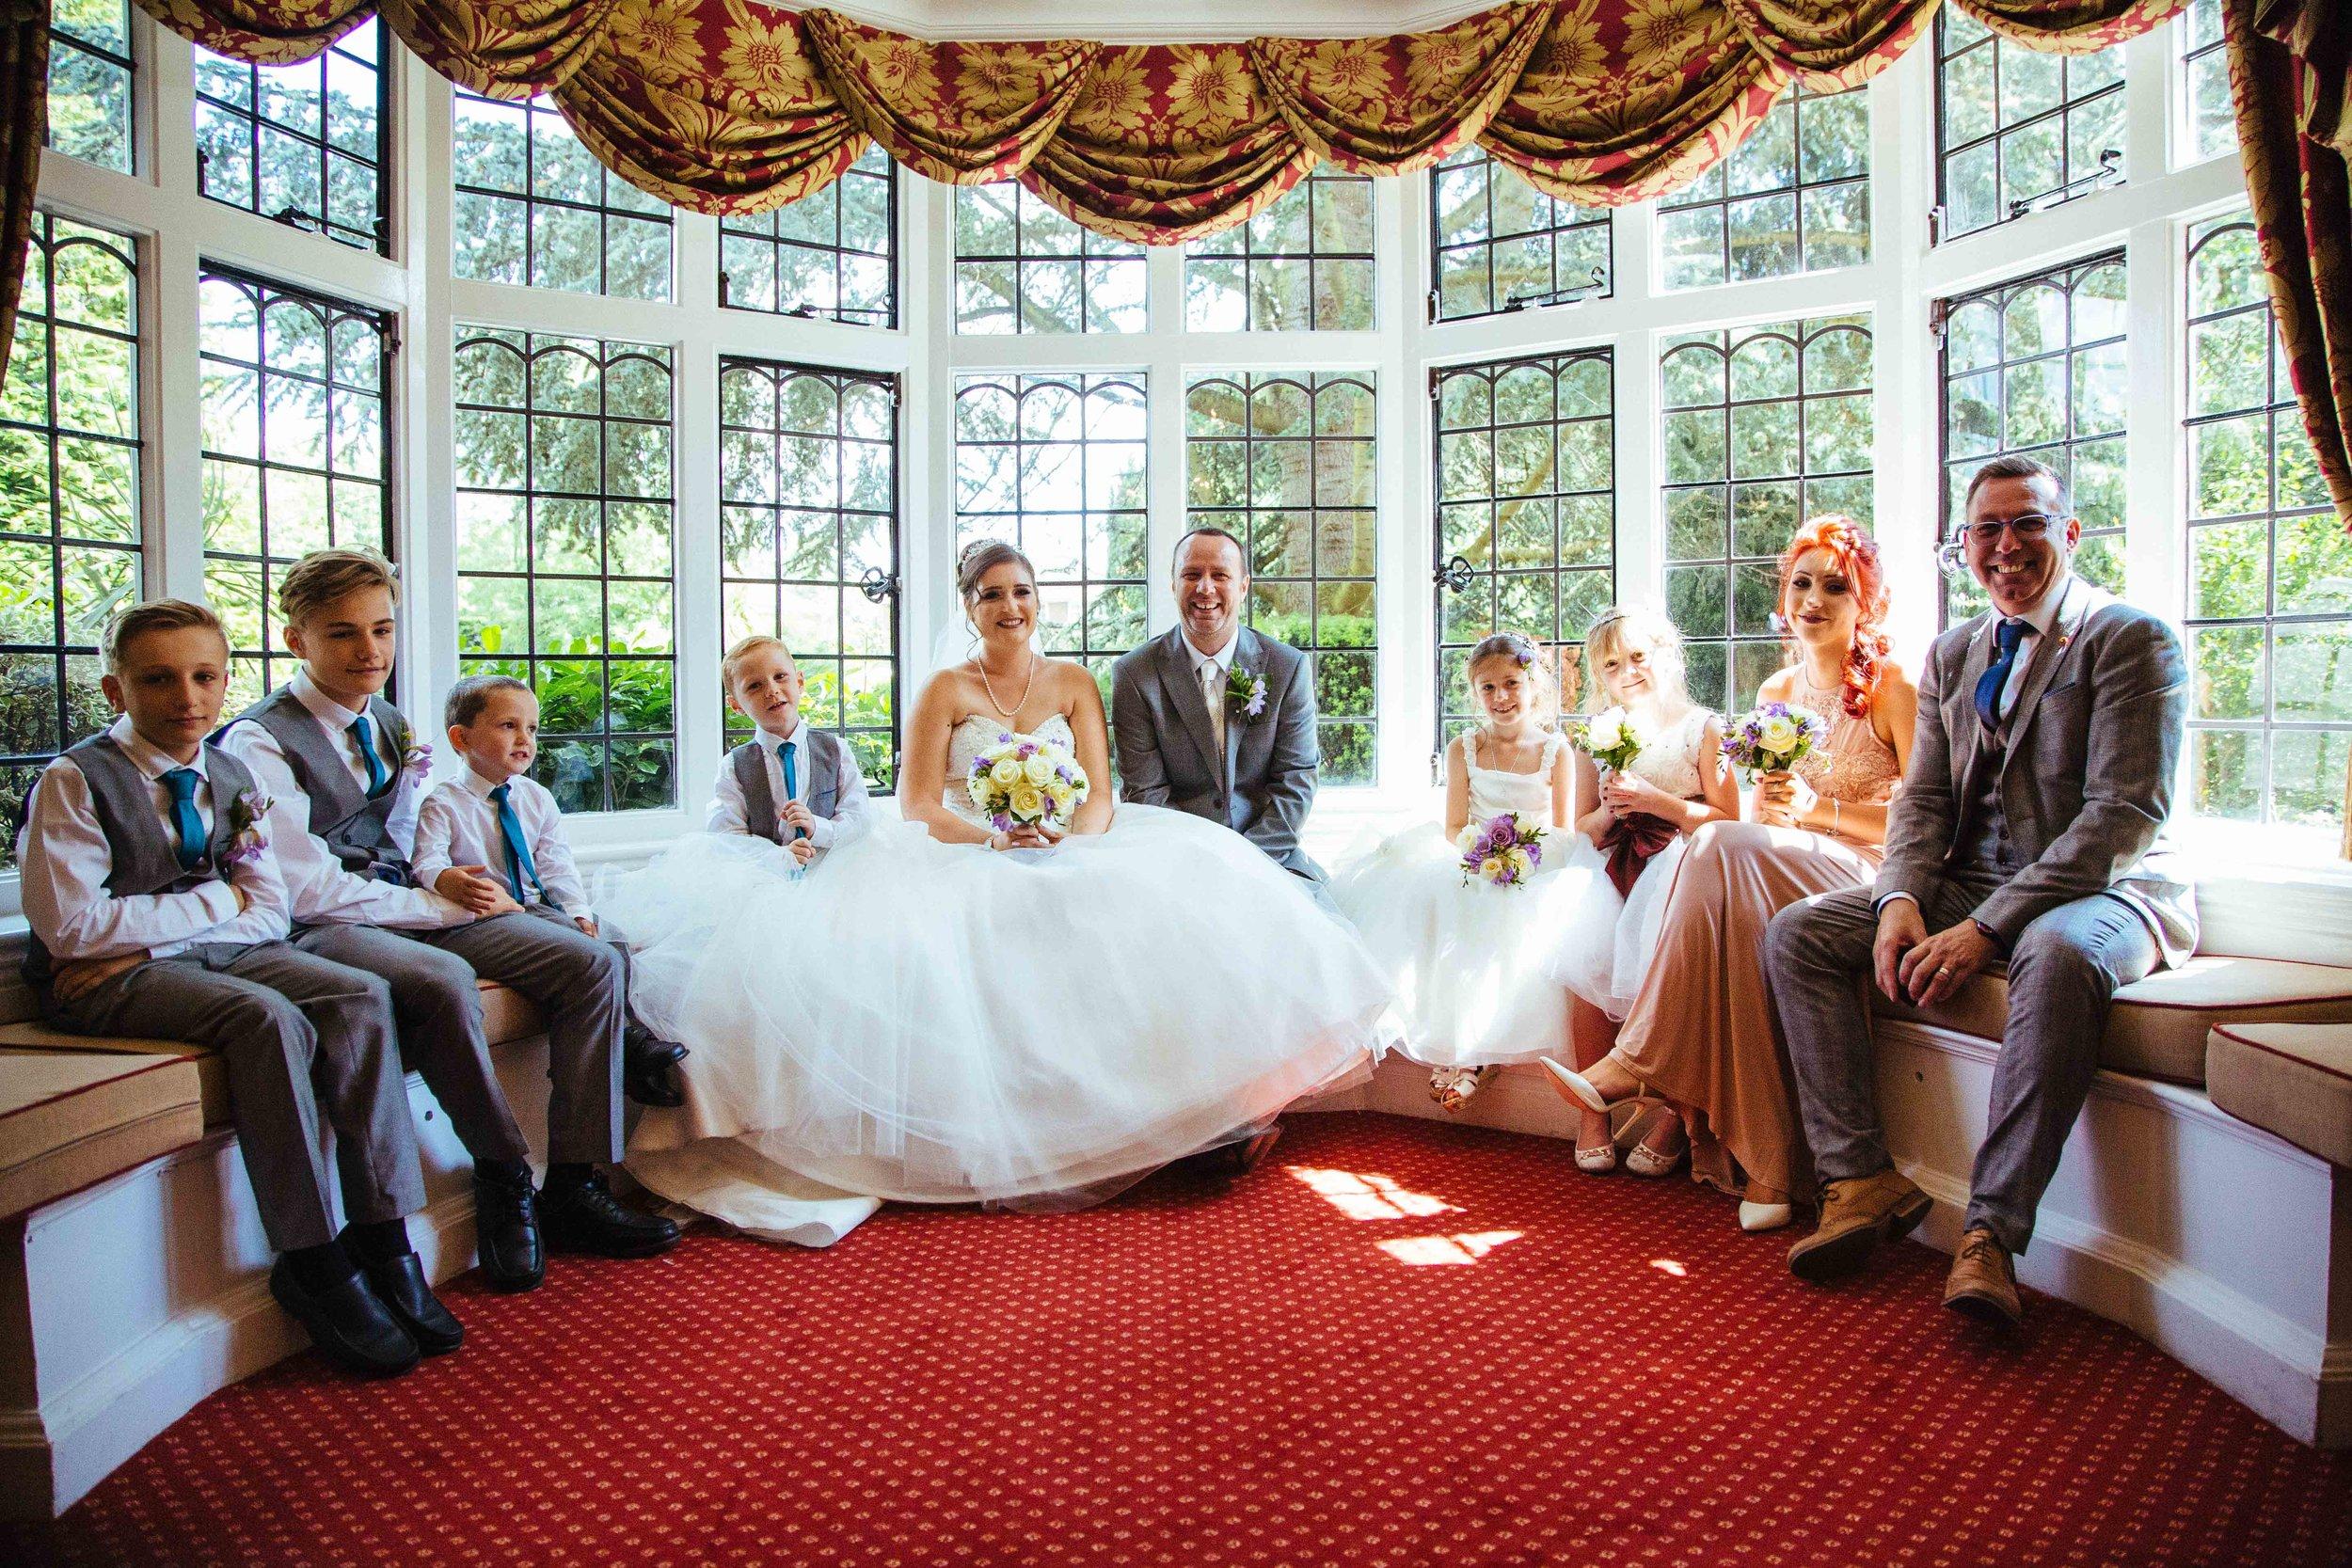 HamptonCourt-Wedding-Weybridge-Surrey-London-OatlandsParkHotel-30